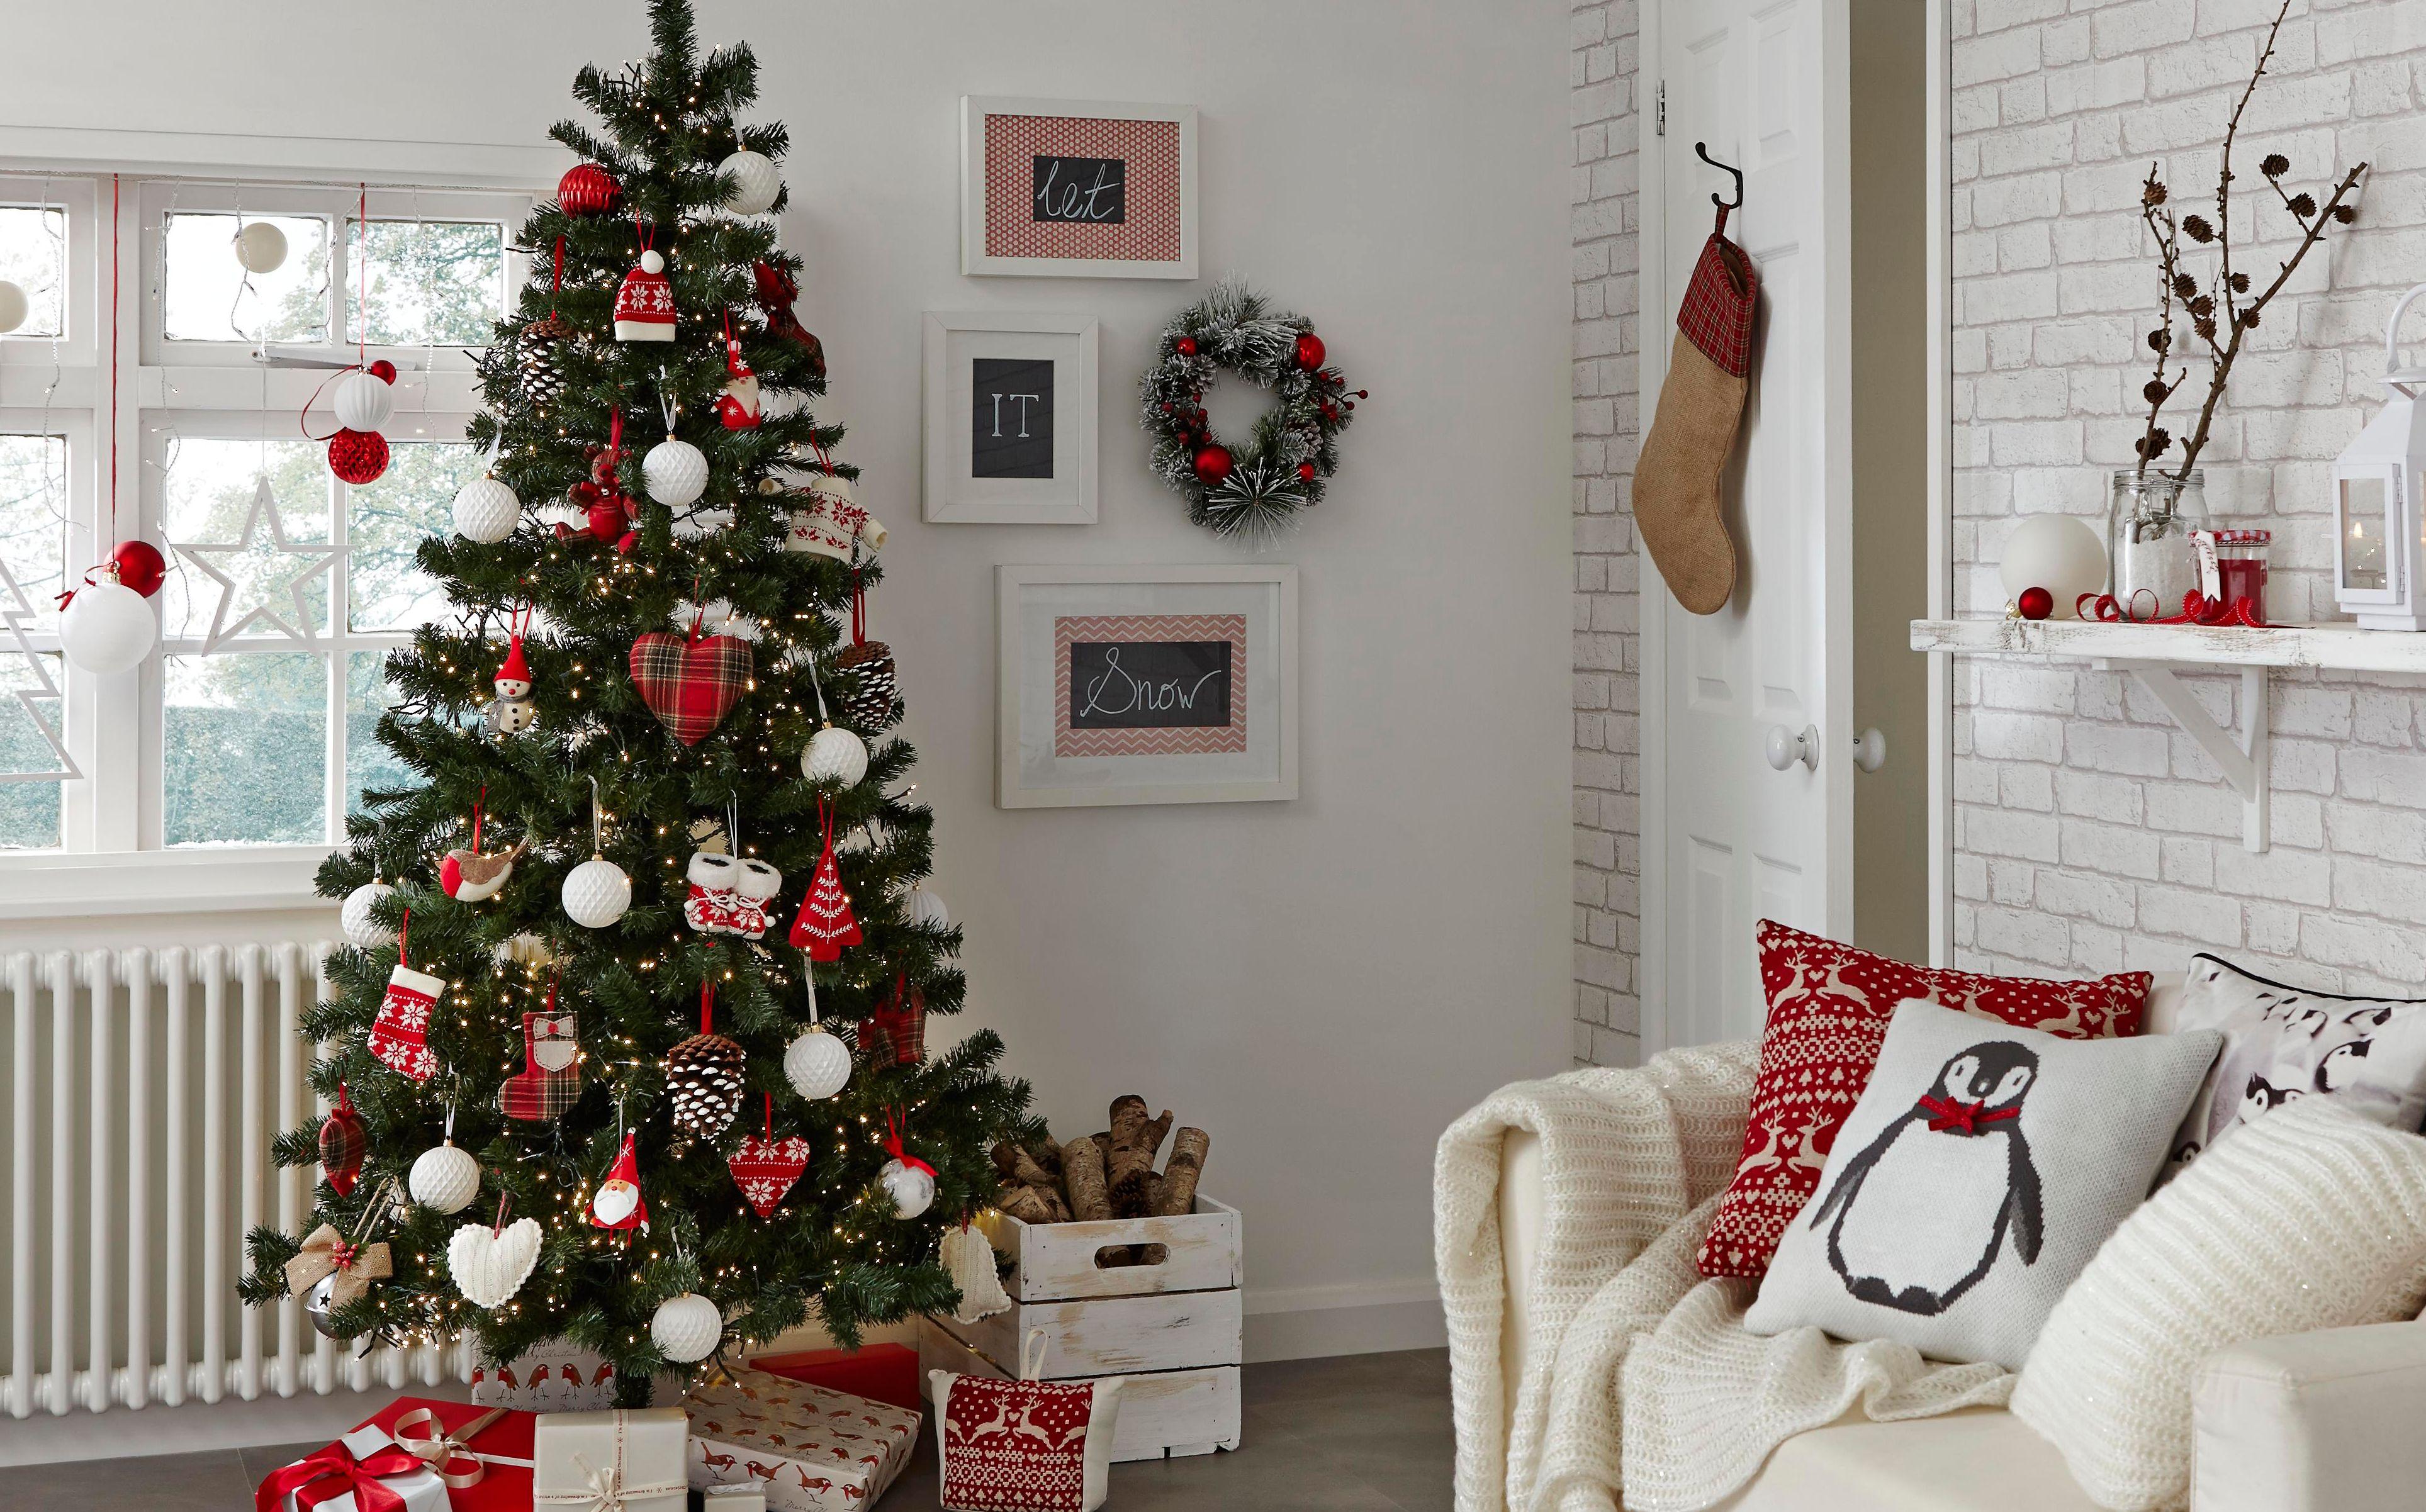 arboles-de-navidad-de-leroy-merlin-2015-blanco-y-rojo